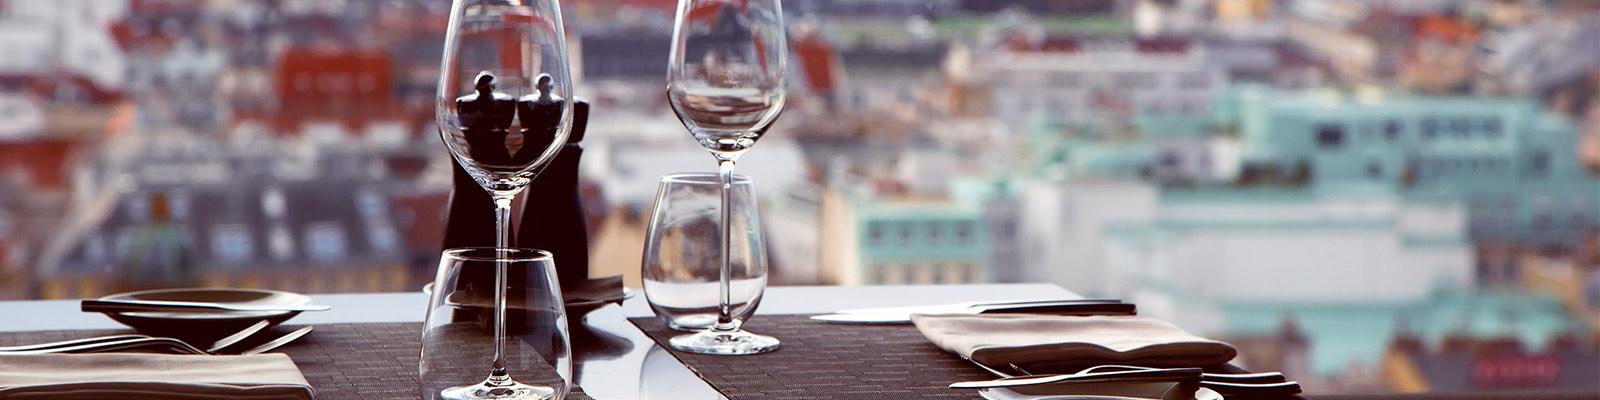 Top 10 Rooftop Bars Restaurants In Wien Susiat Blog